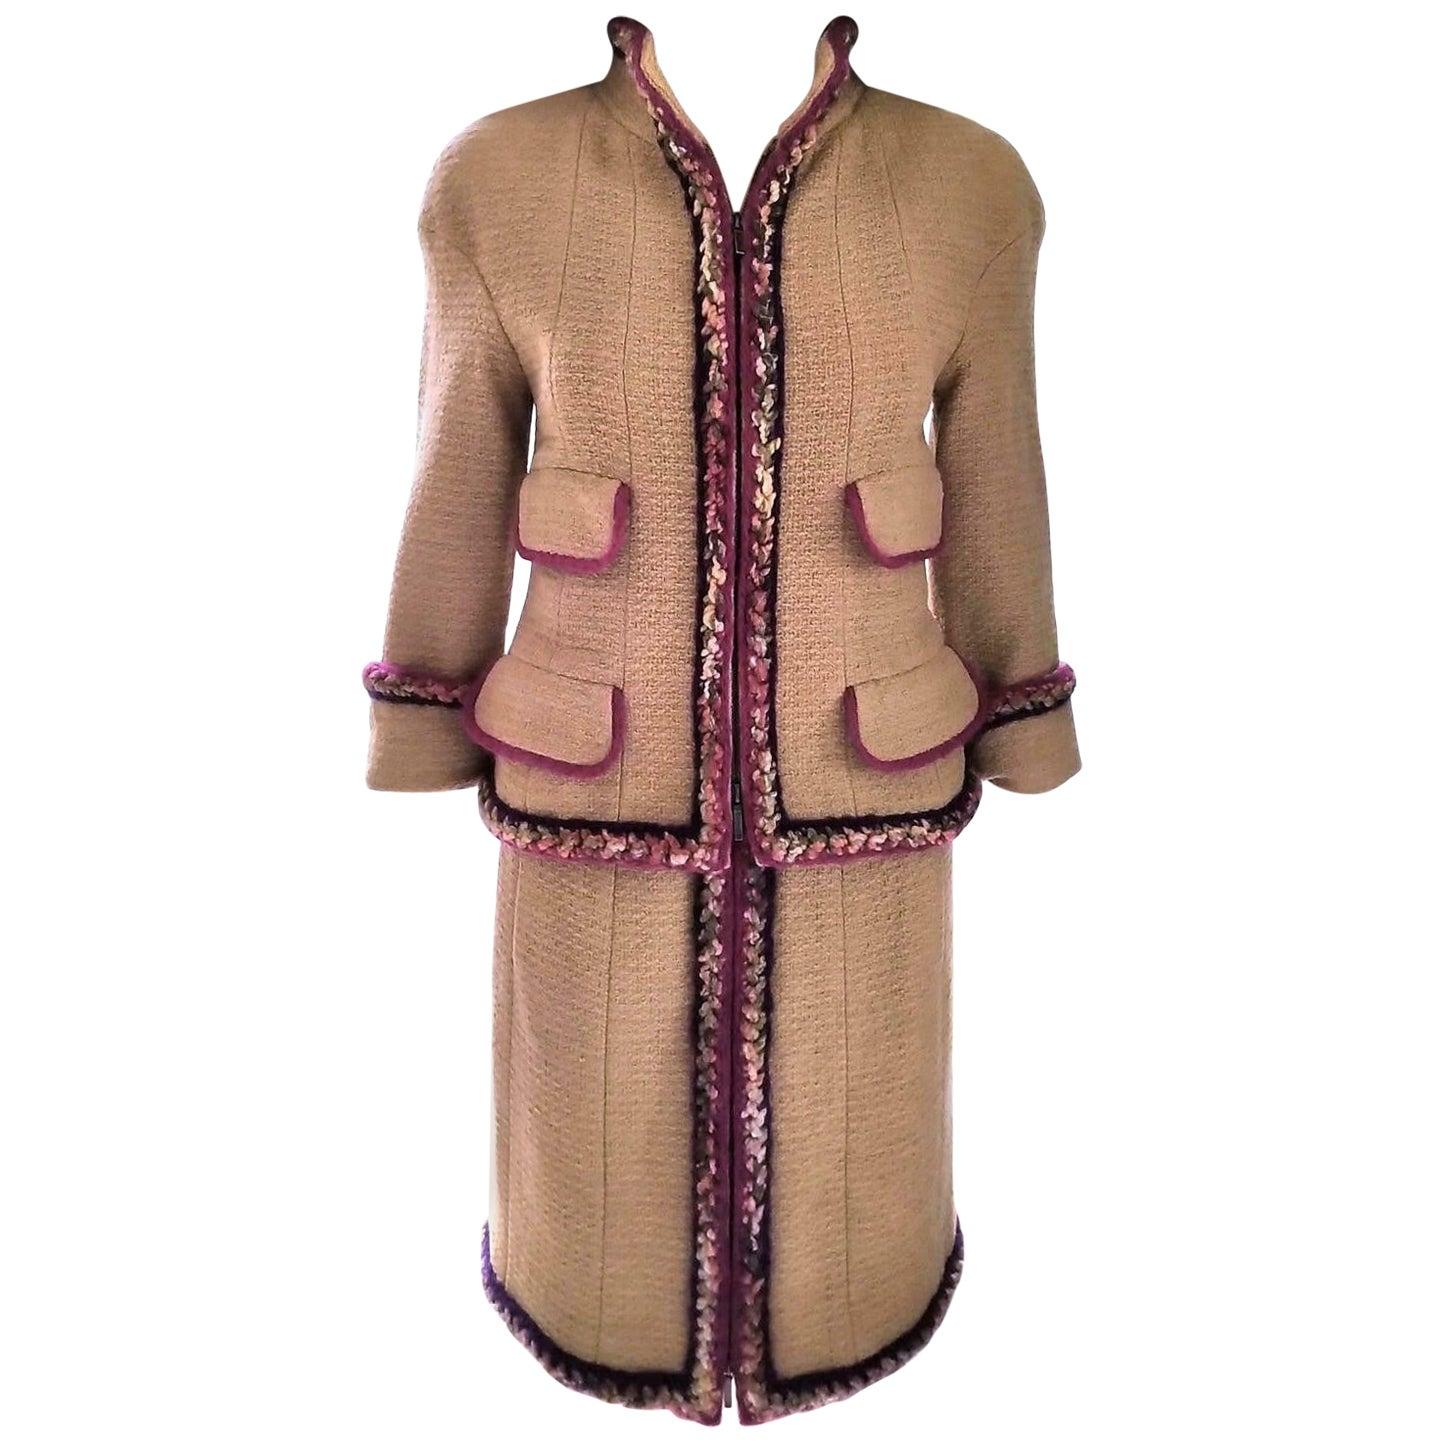 Chanel 2014 14K Camel Tan Supermarket Tweed Jacket & Skirt Suit FR 34/ US 2